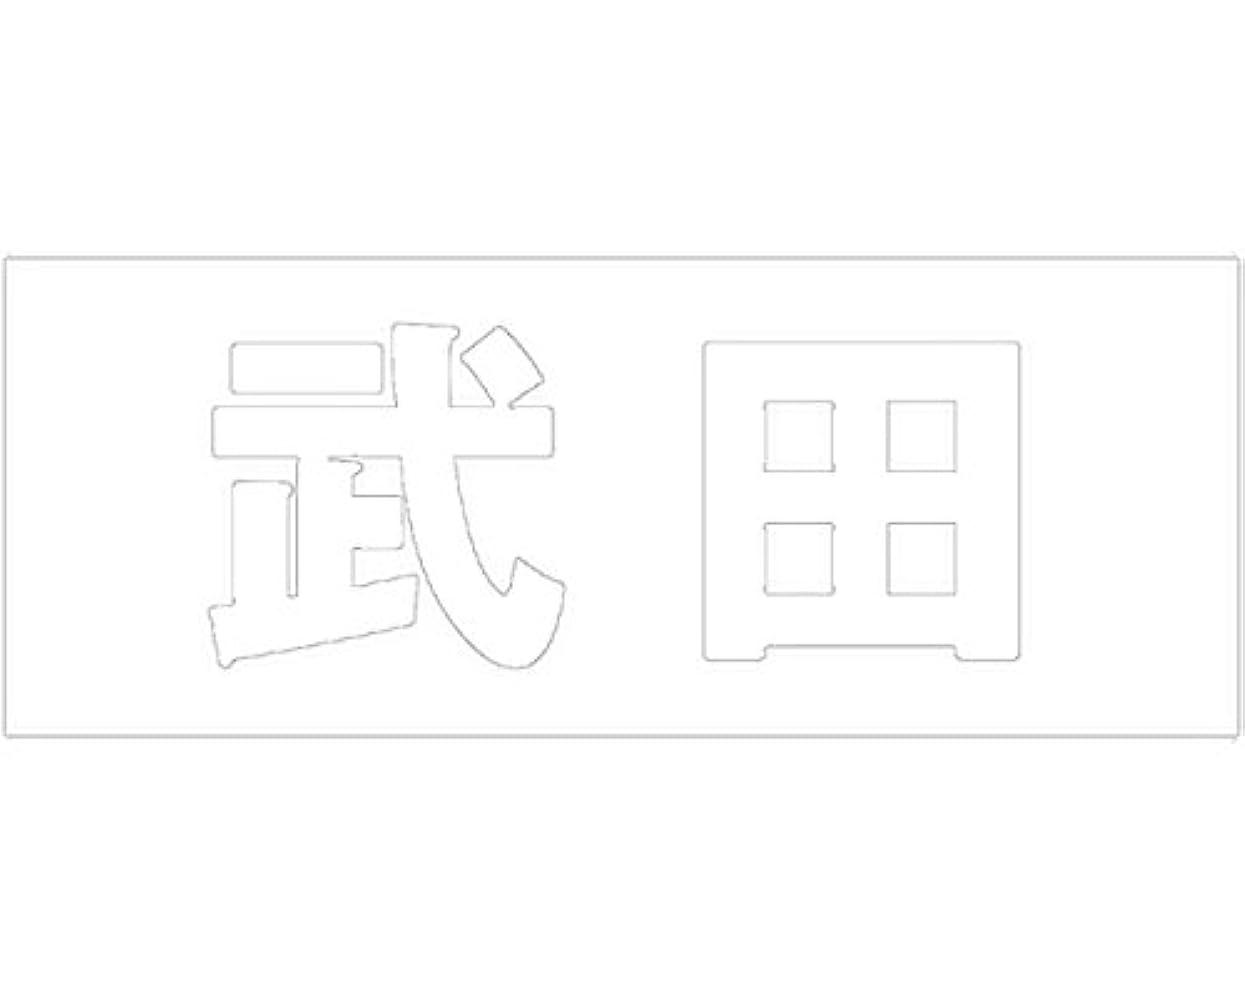 密度コンピューターゲームをプレイする空洞切文字 カッティングシート ゴシック文字 ???? 高さ50?? 武田 オーダーメイド 納期8営業日